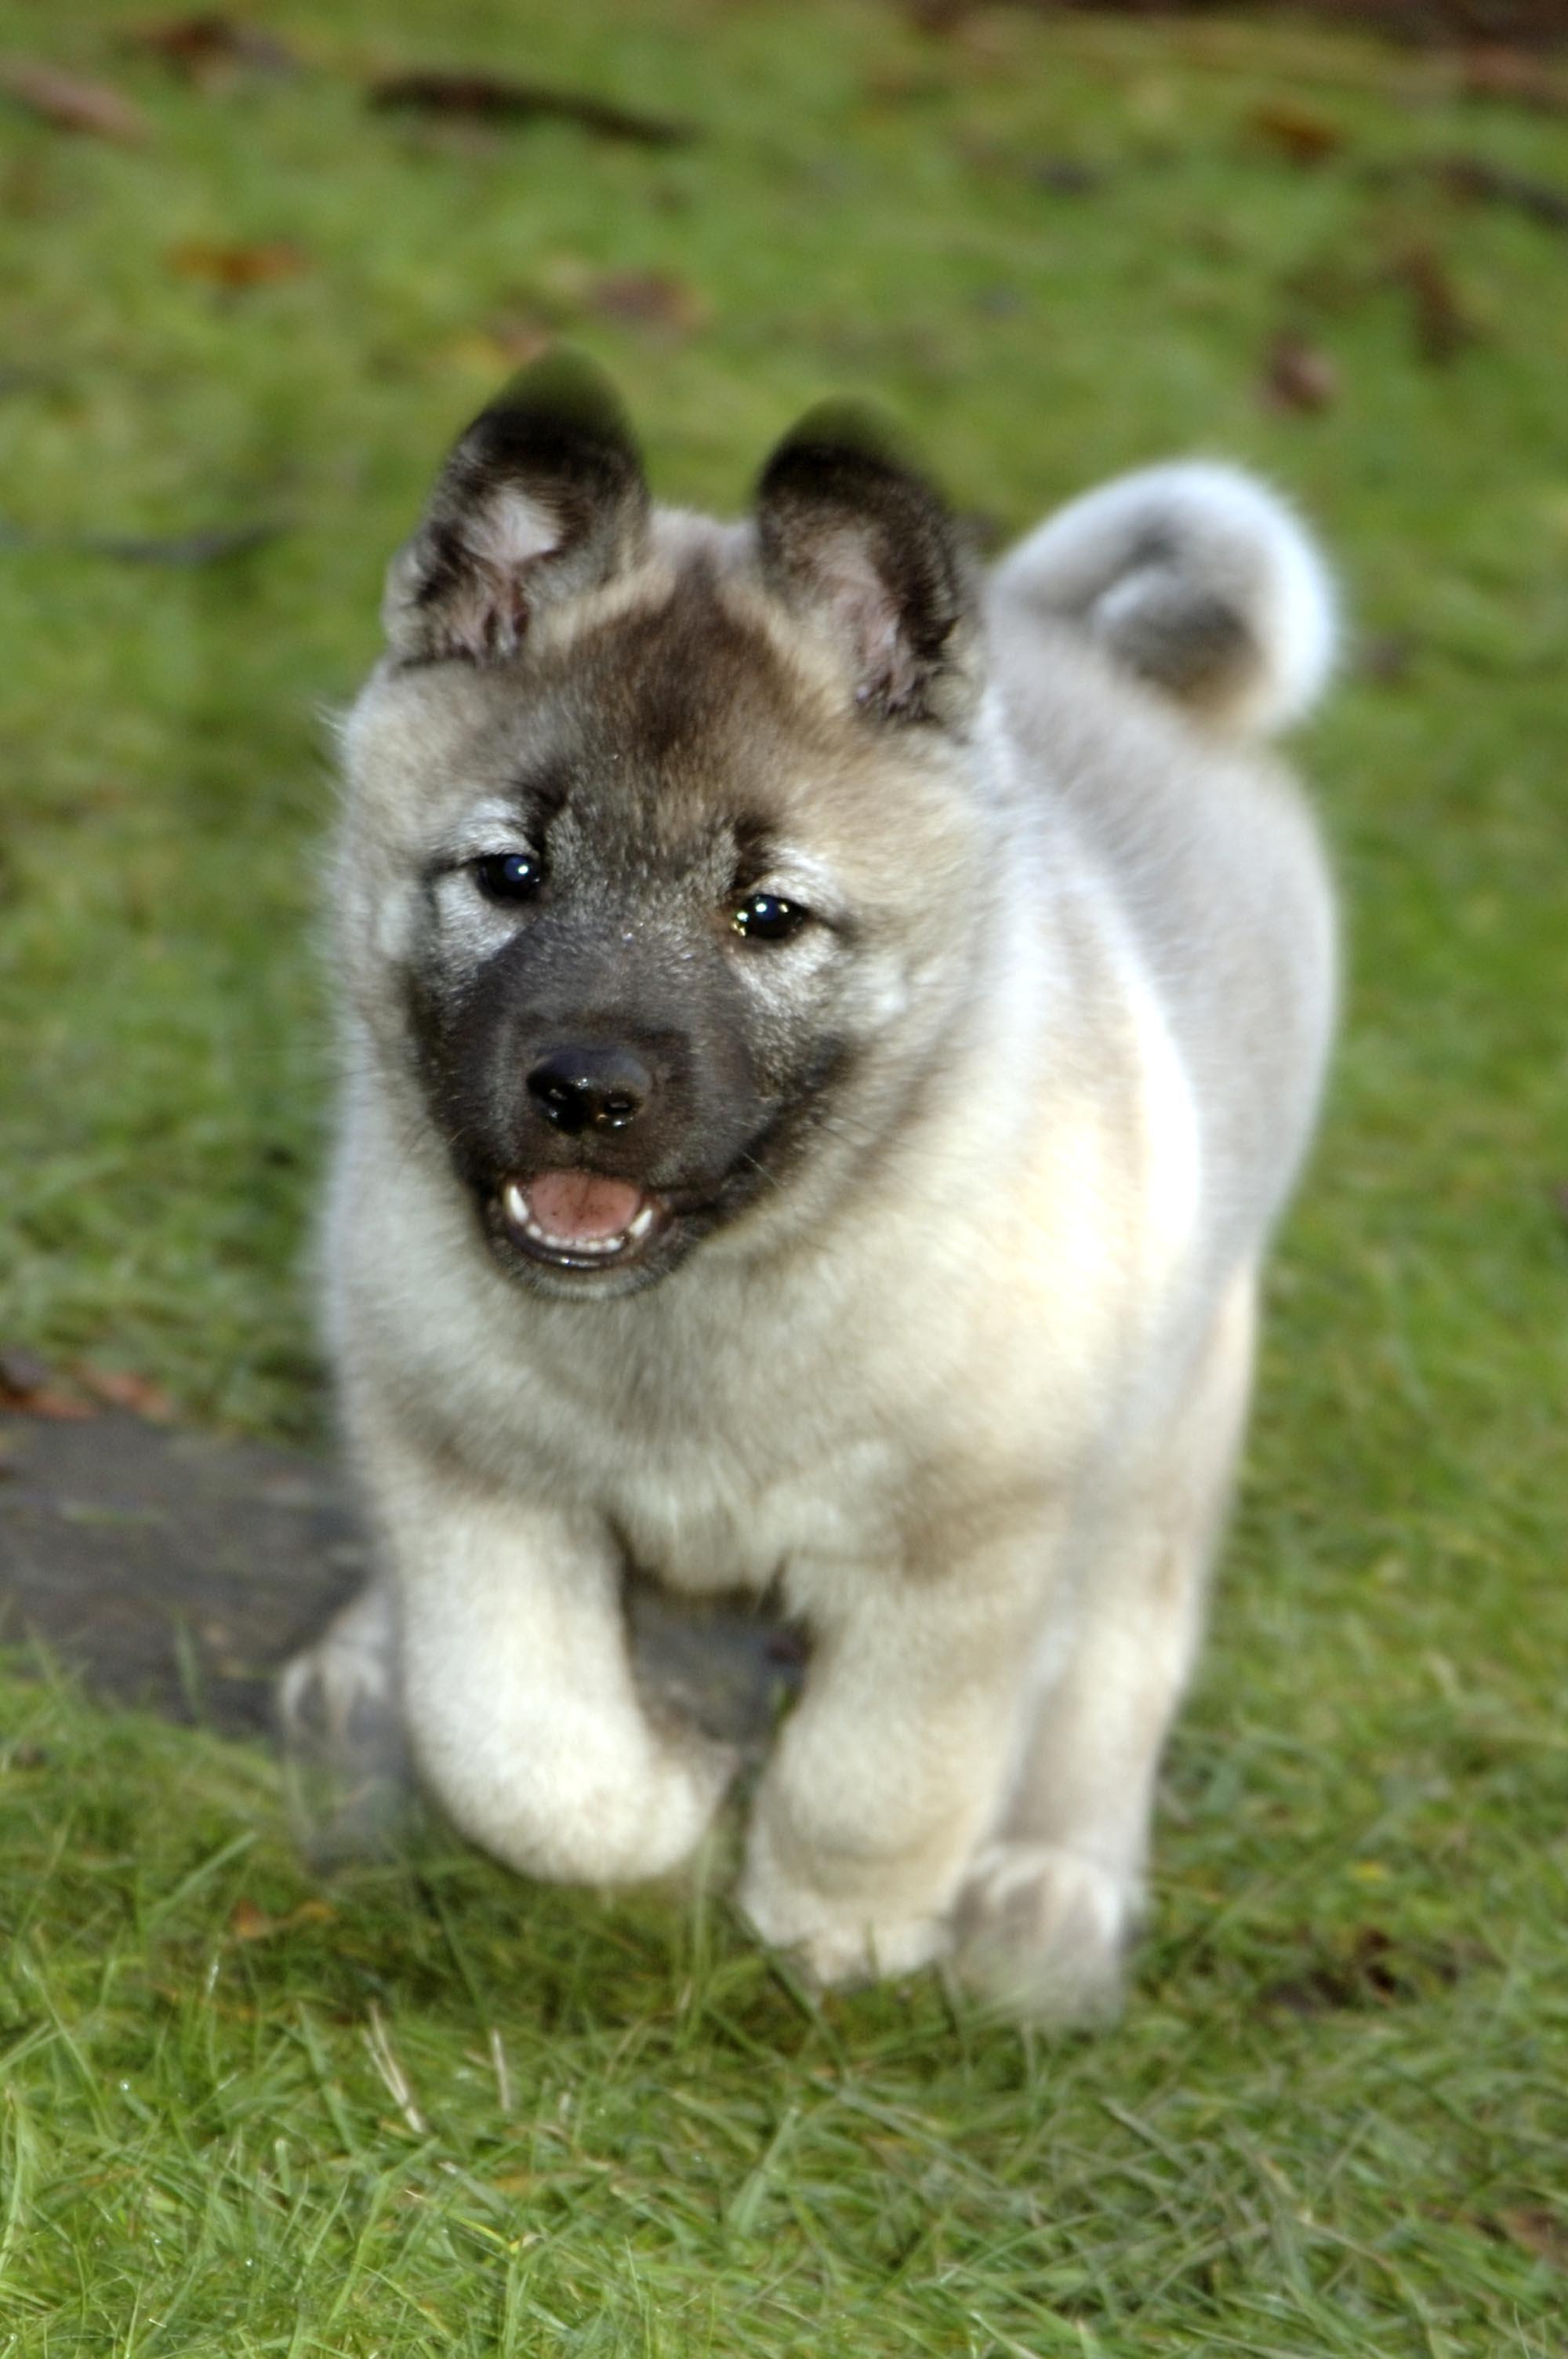 Chien-gris Dog: Chien Gris Dog Breeds List